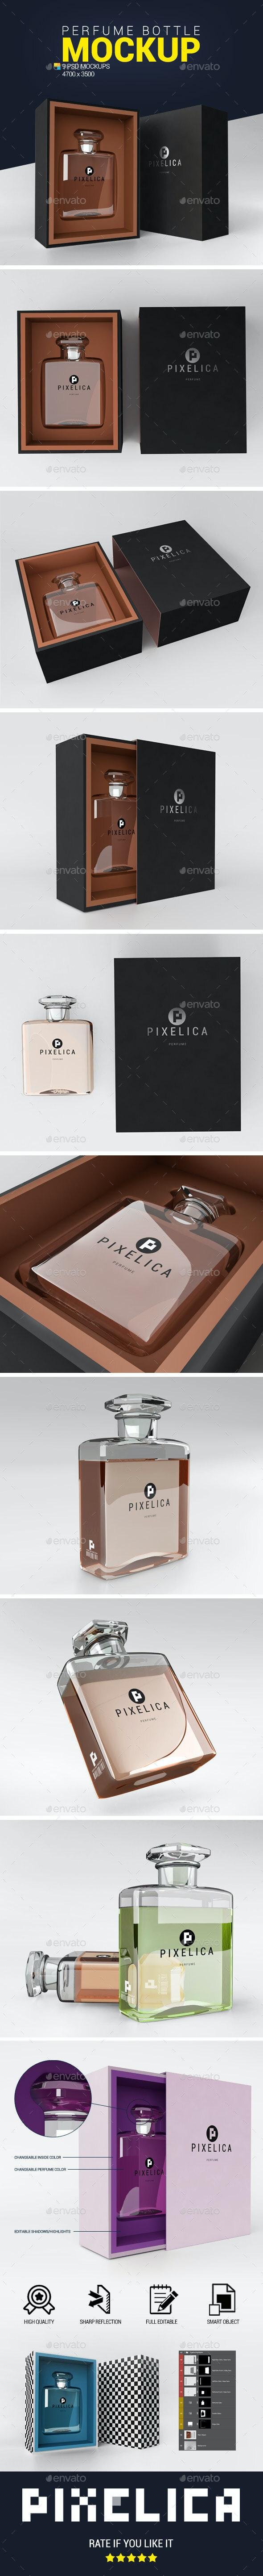 Perfume Bottle Mockup - Product Mock-Ups Graphics